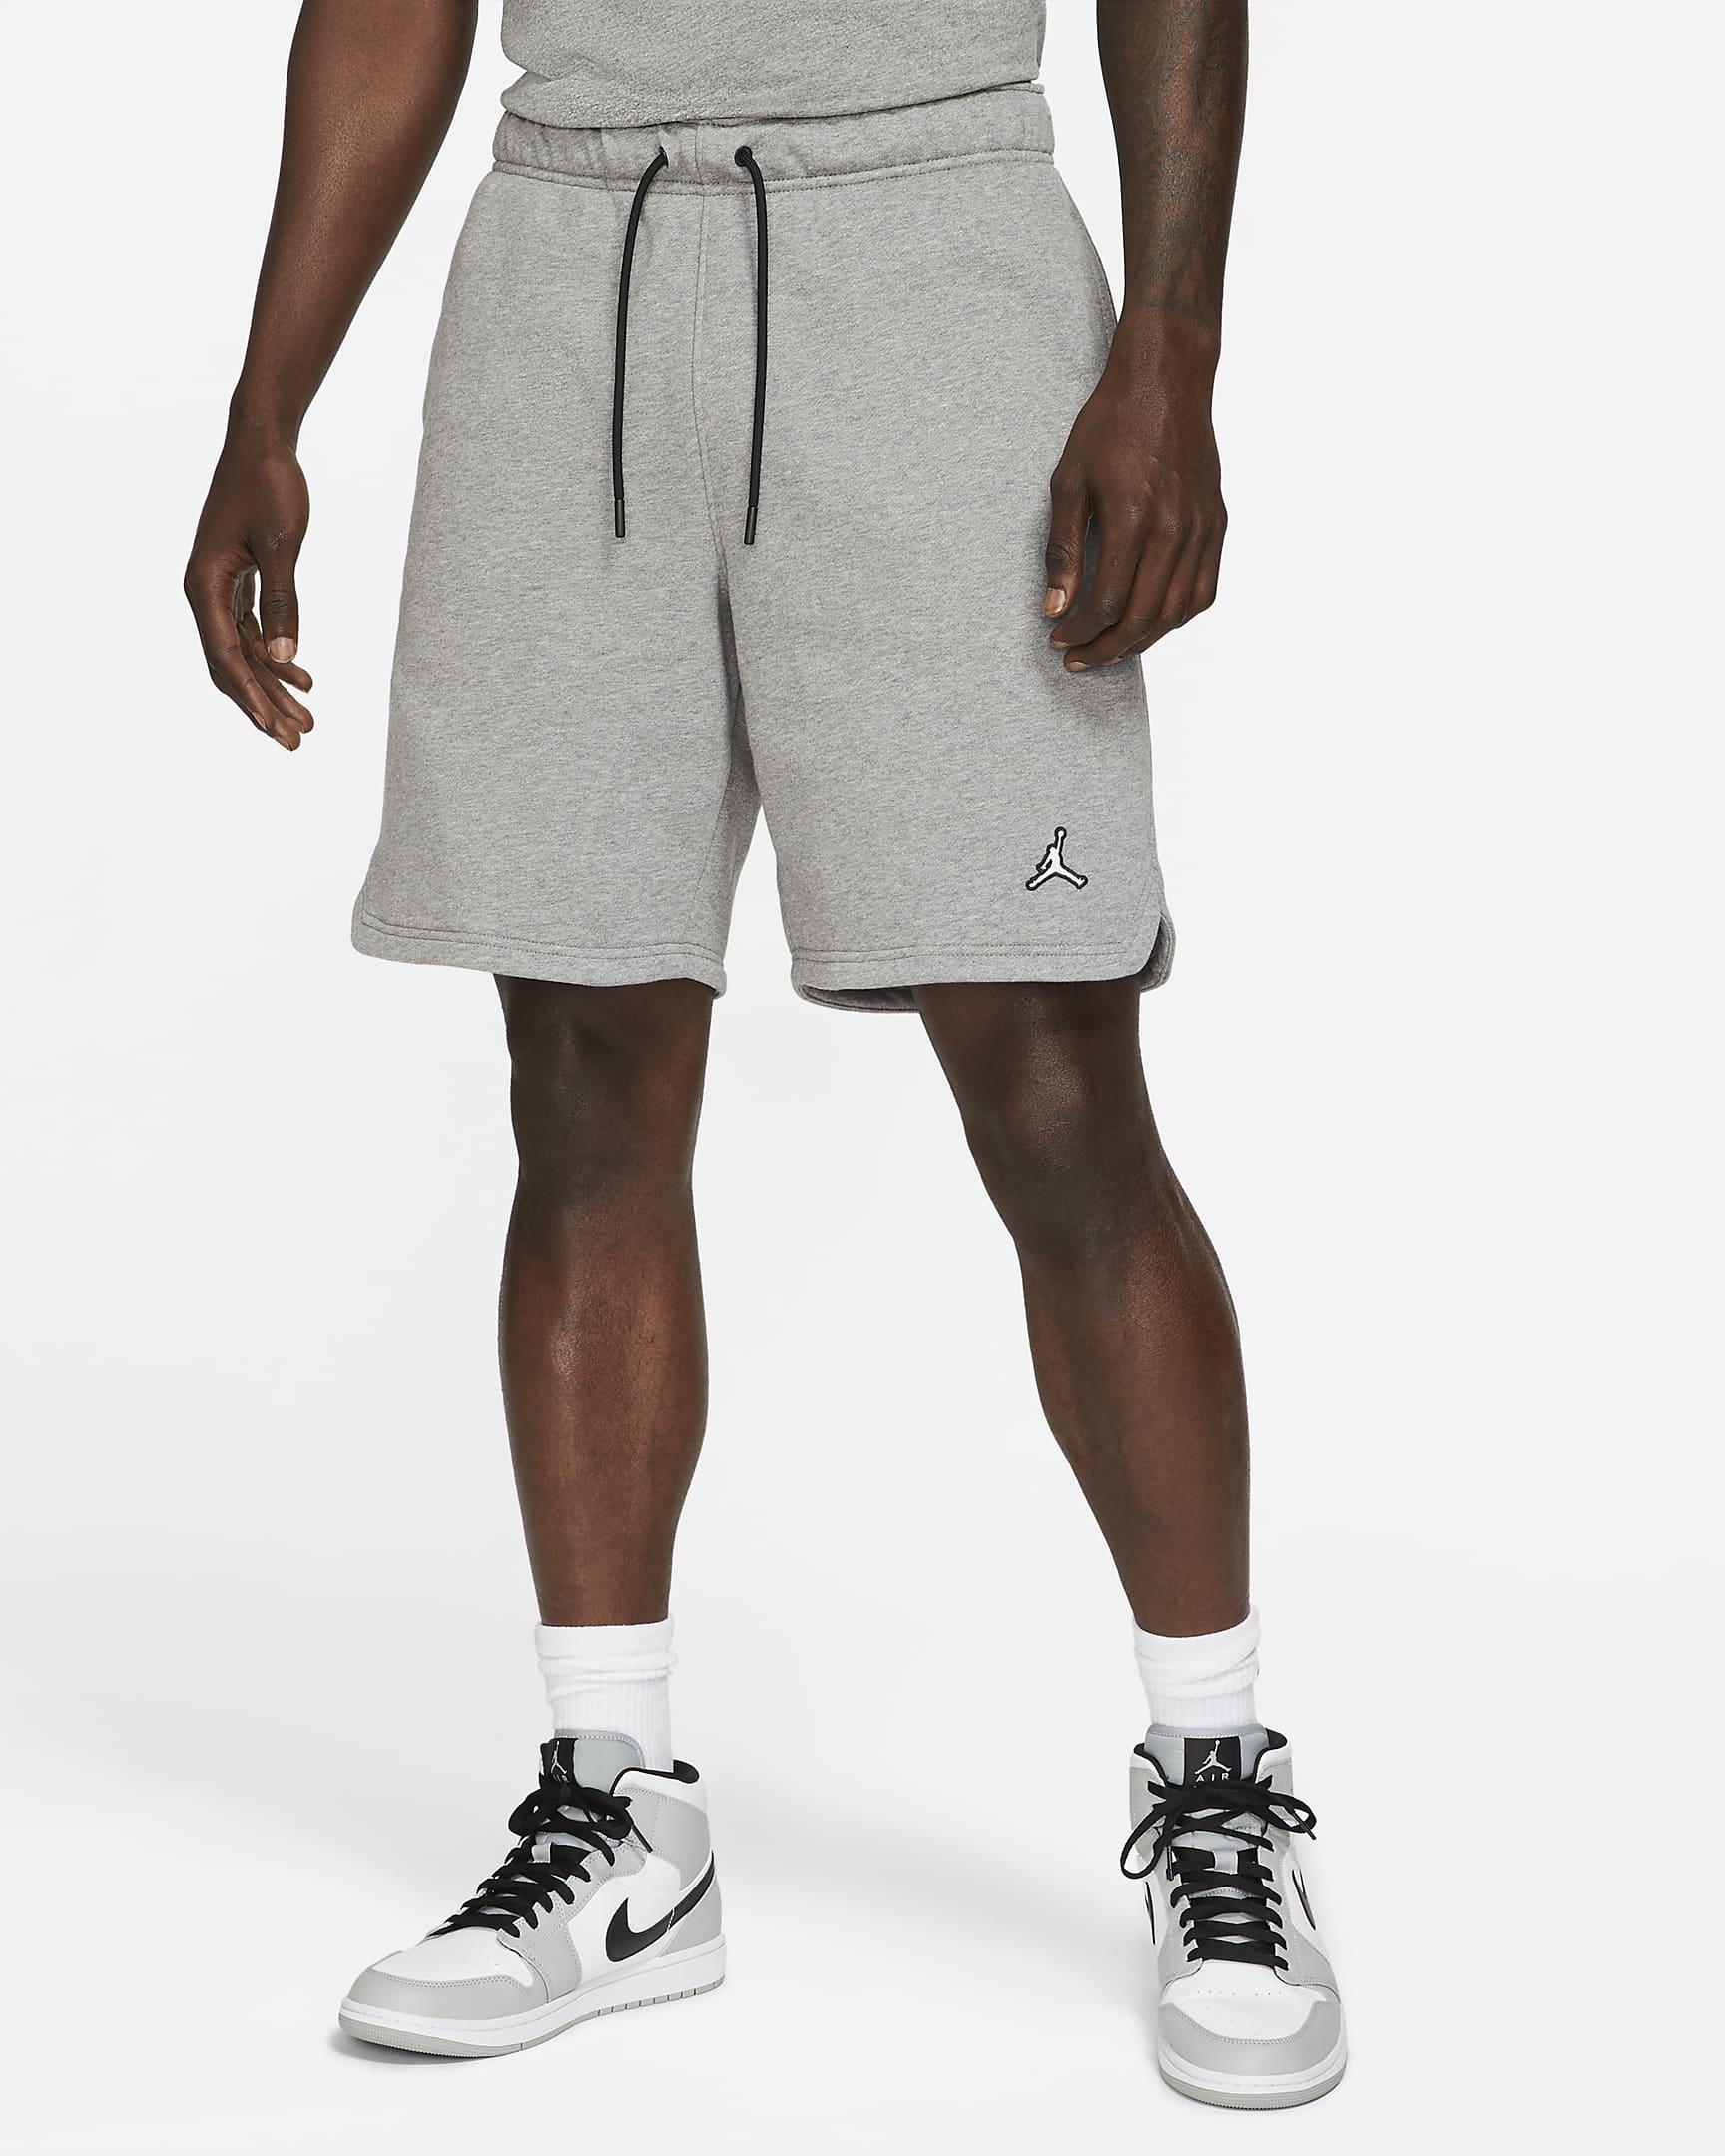 jordan-essentials-mens-fleece-shorts-nPMdCB.png